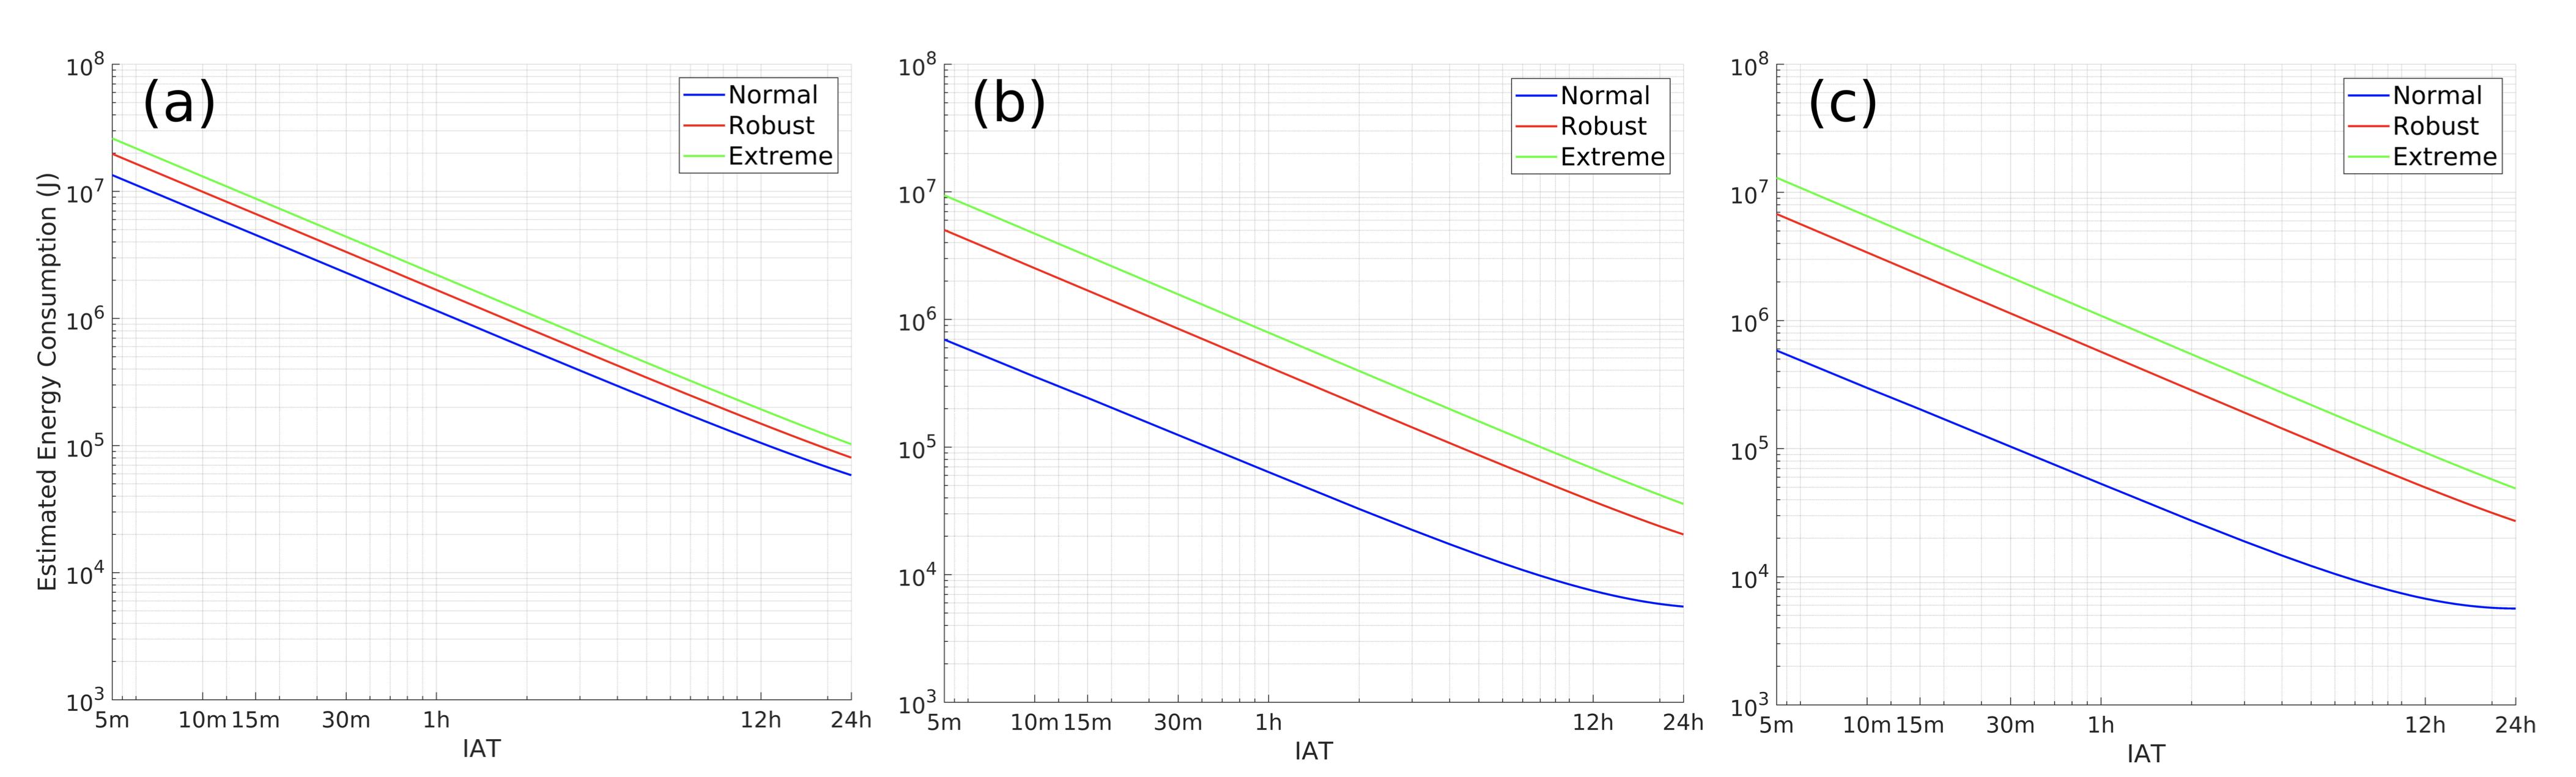 Рис 5. Энергия на периодическую передачу данных в зависимости от качества покрытия (normal, robust, extreme). Устройство A - GPy от Pycom, B - BC95 от Quectel, C - SARA-N2 от Sodaq.